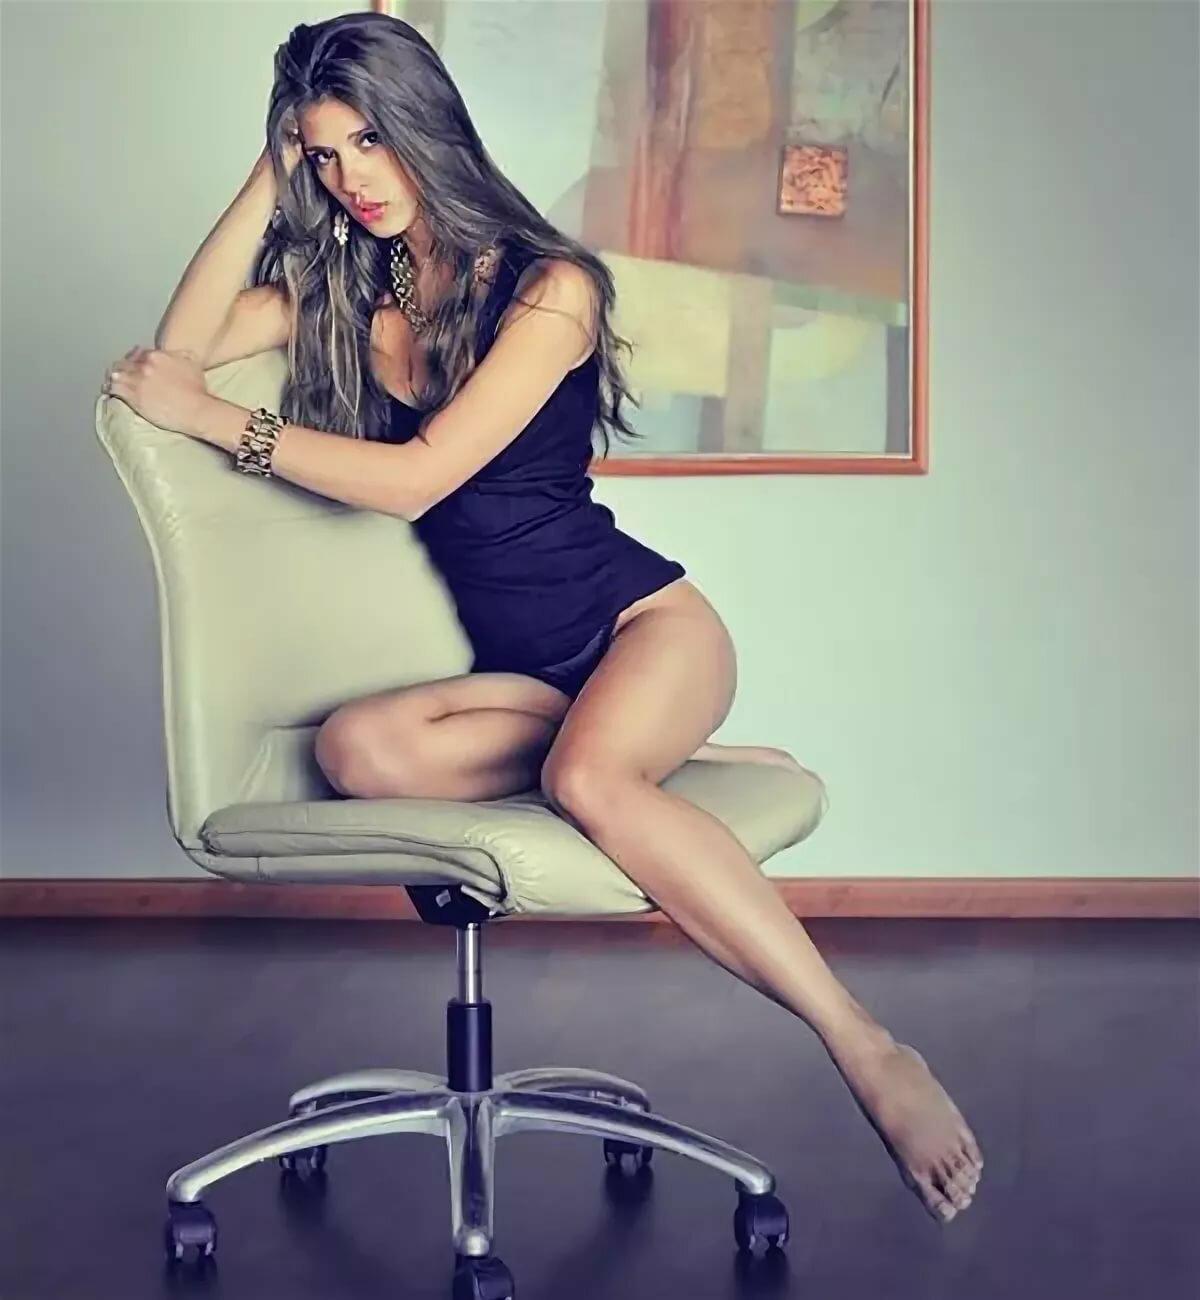 позы девушка на стуле своих